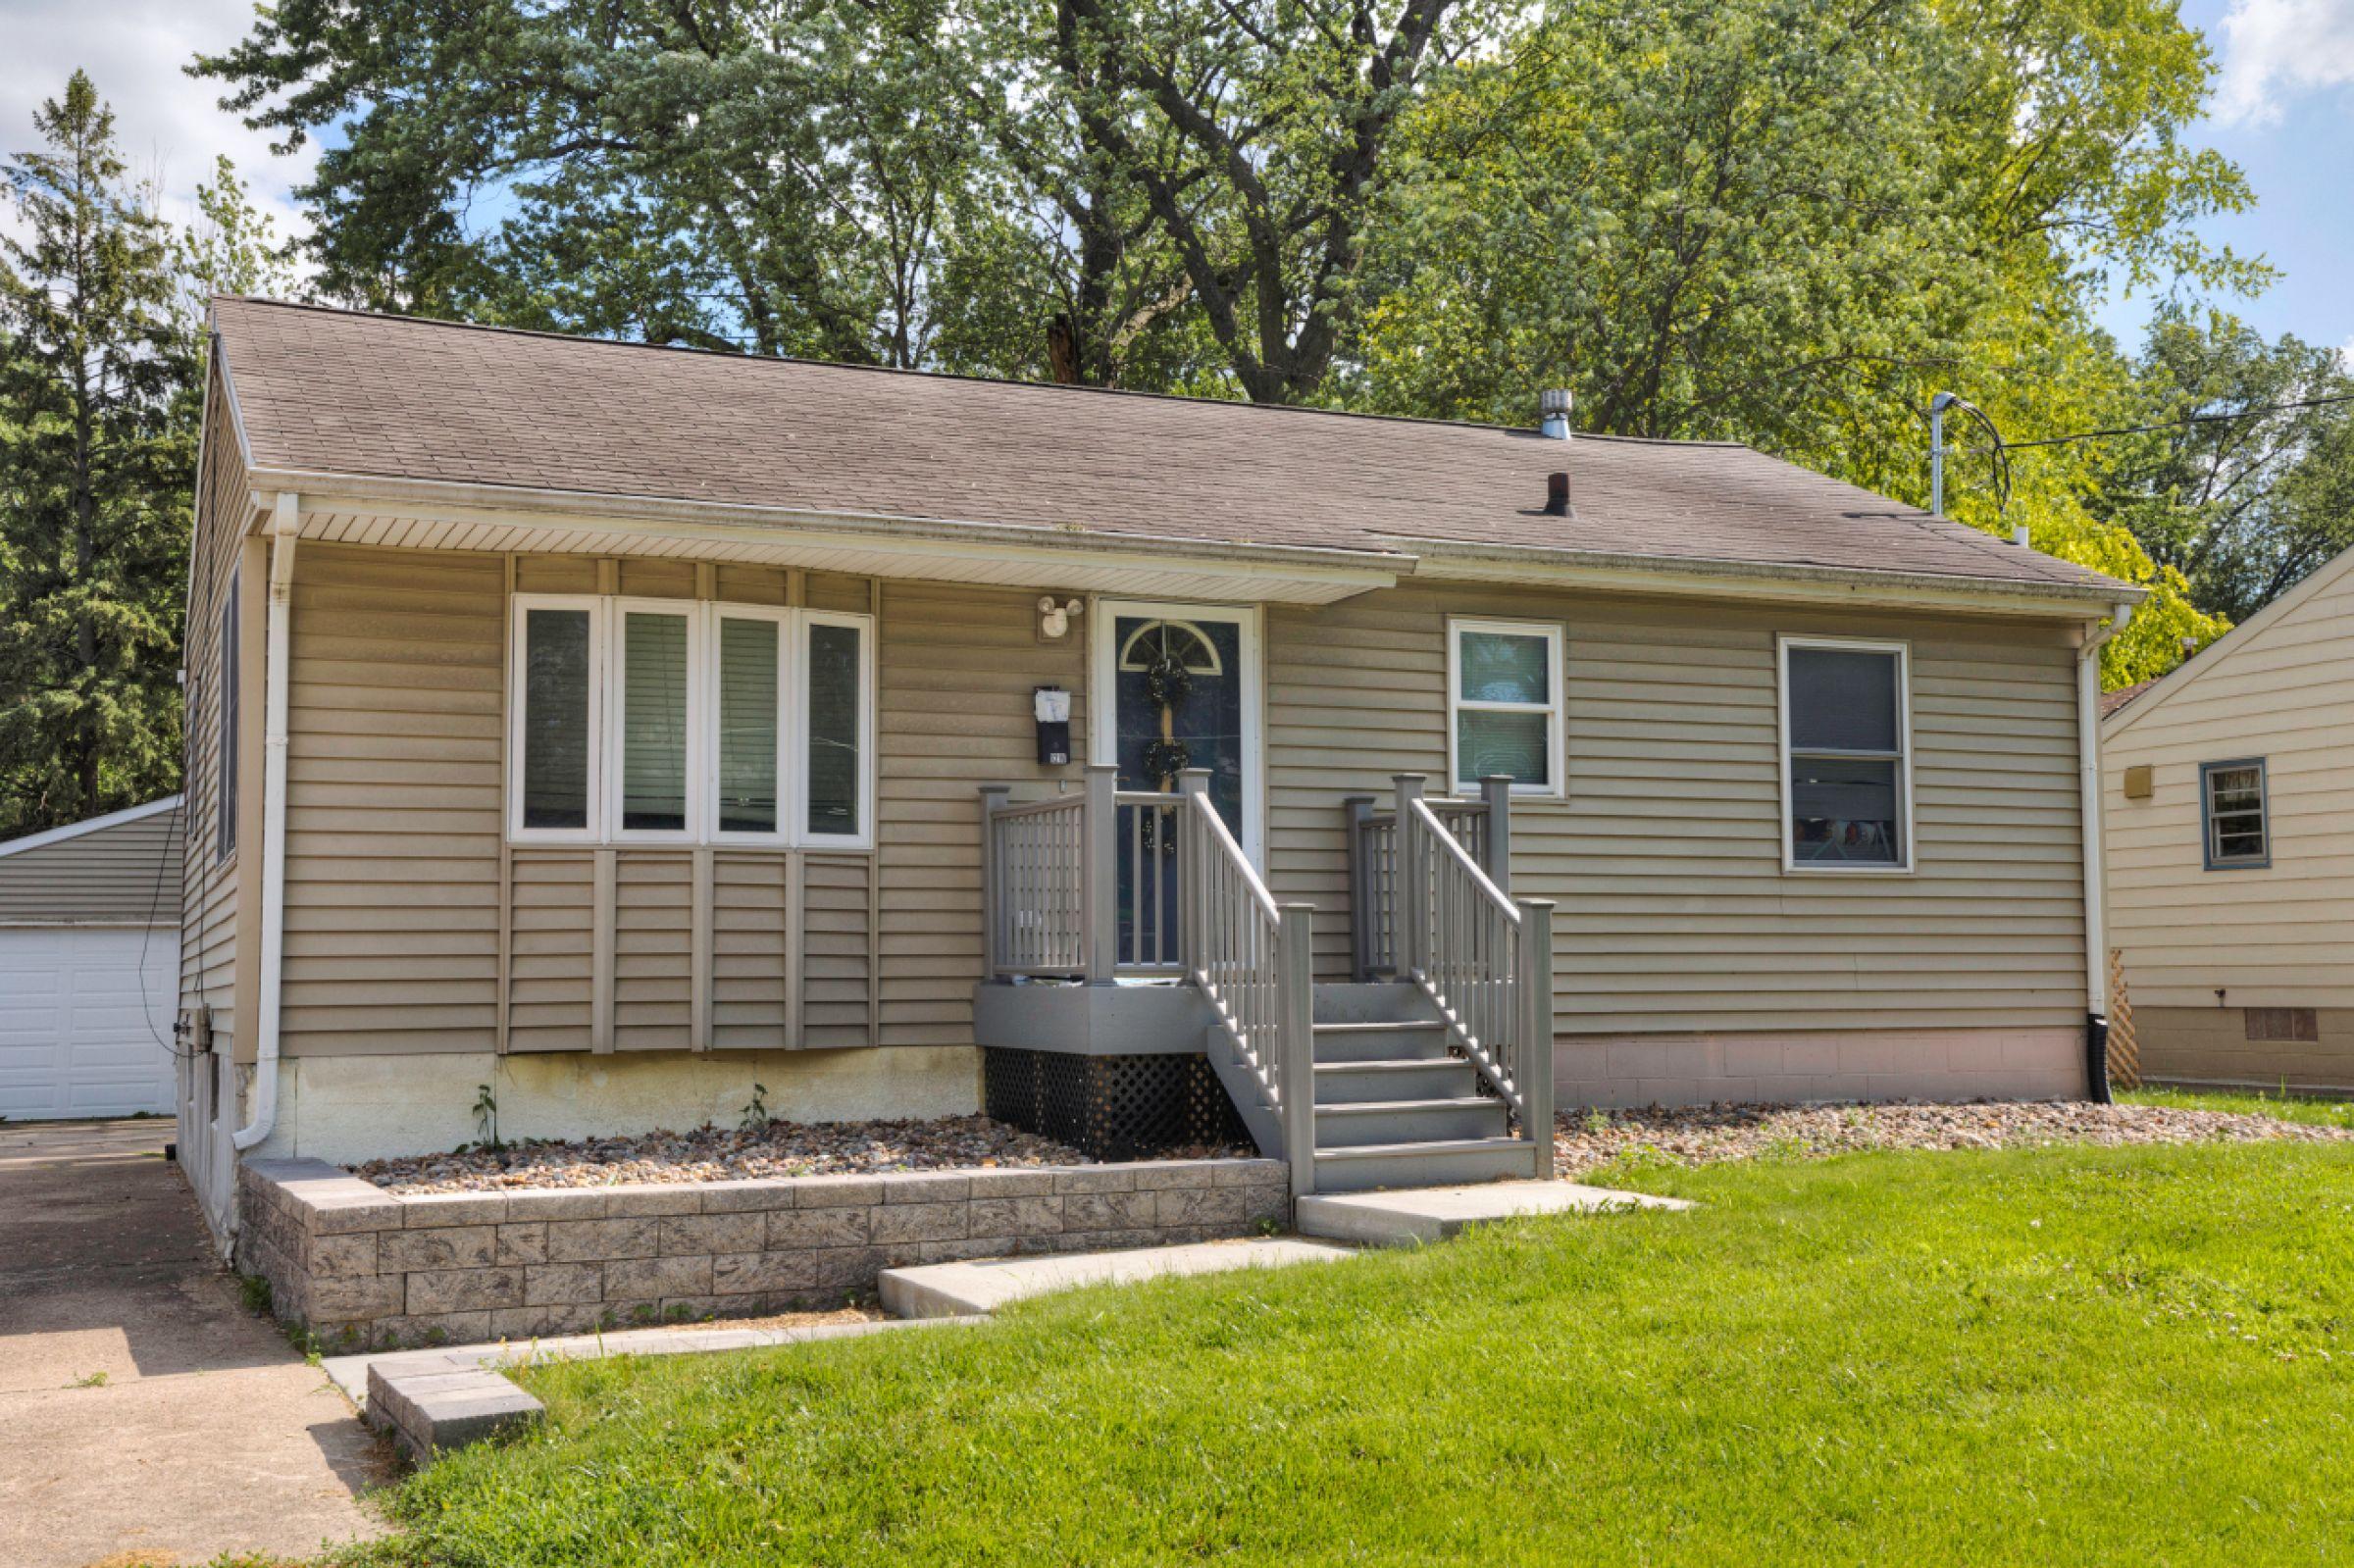 1216 Watrous Ave. Des Moines, IA 50315